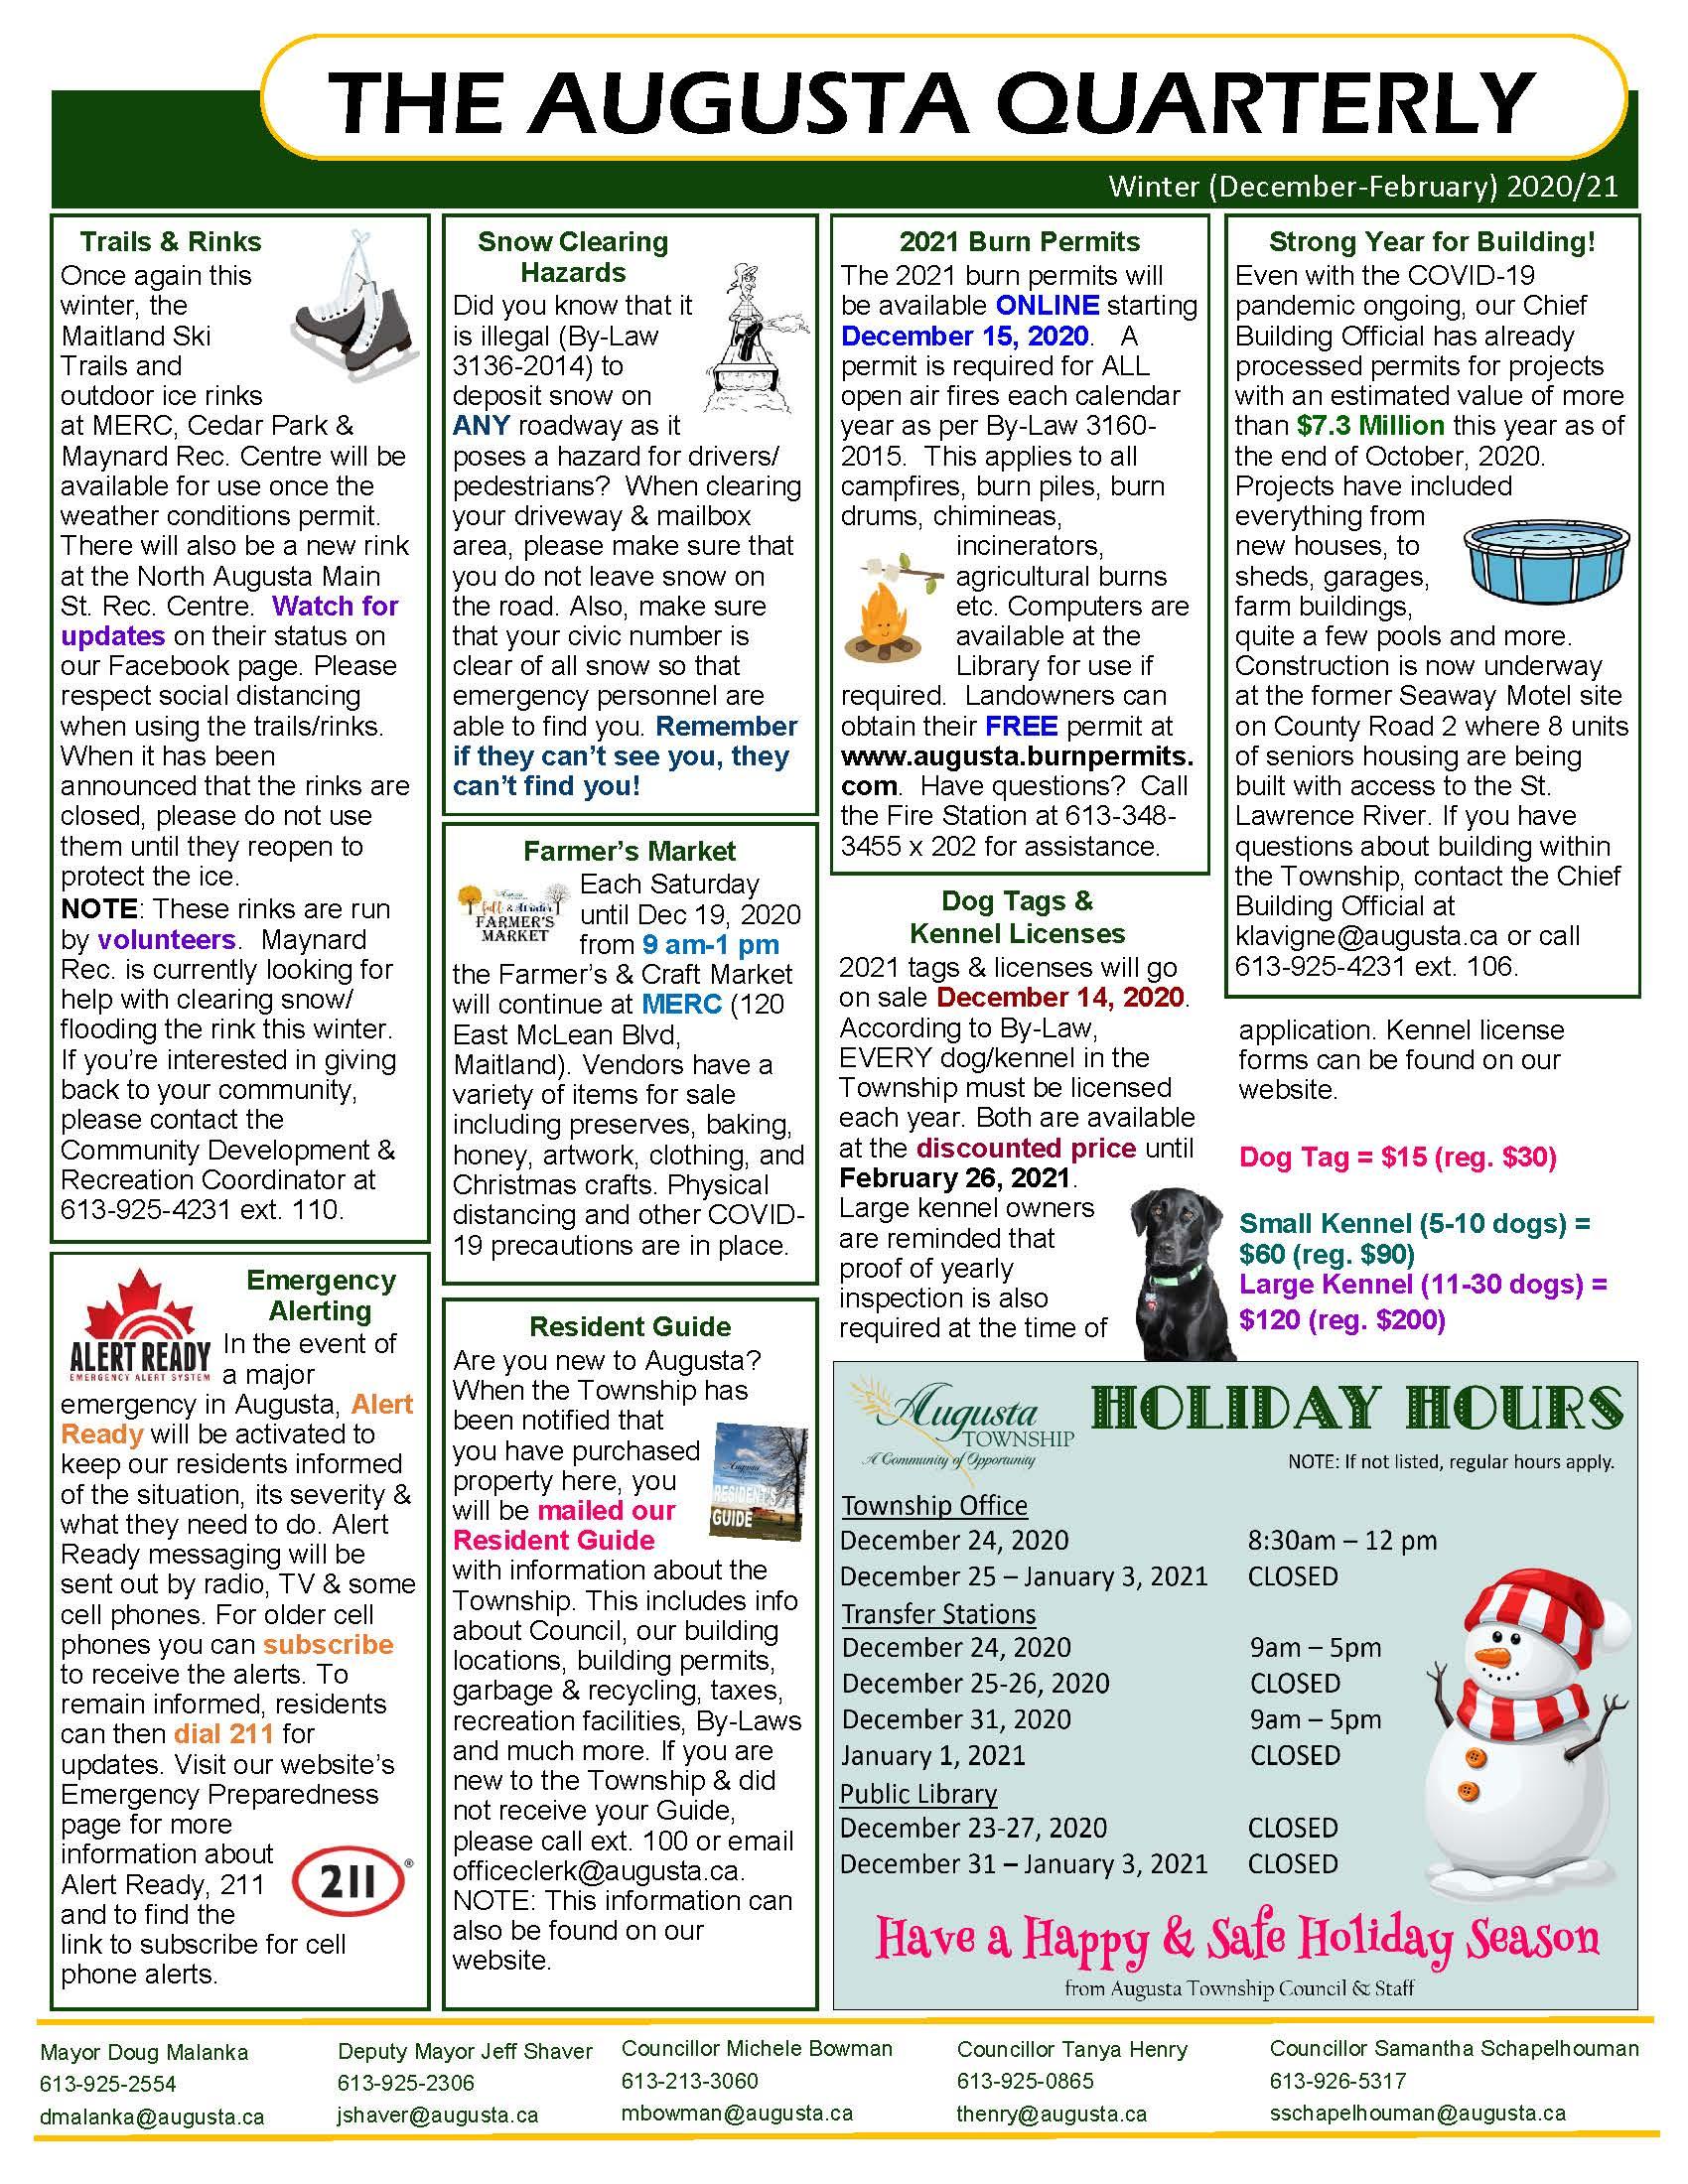 back of the winter 2020 quarterly newsletter